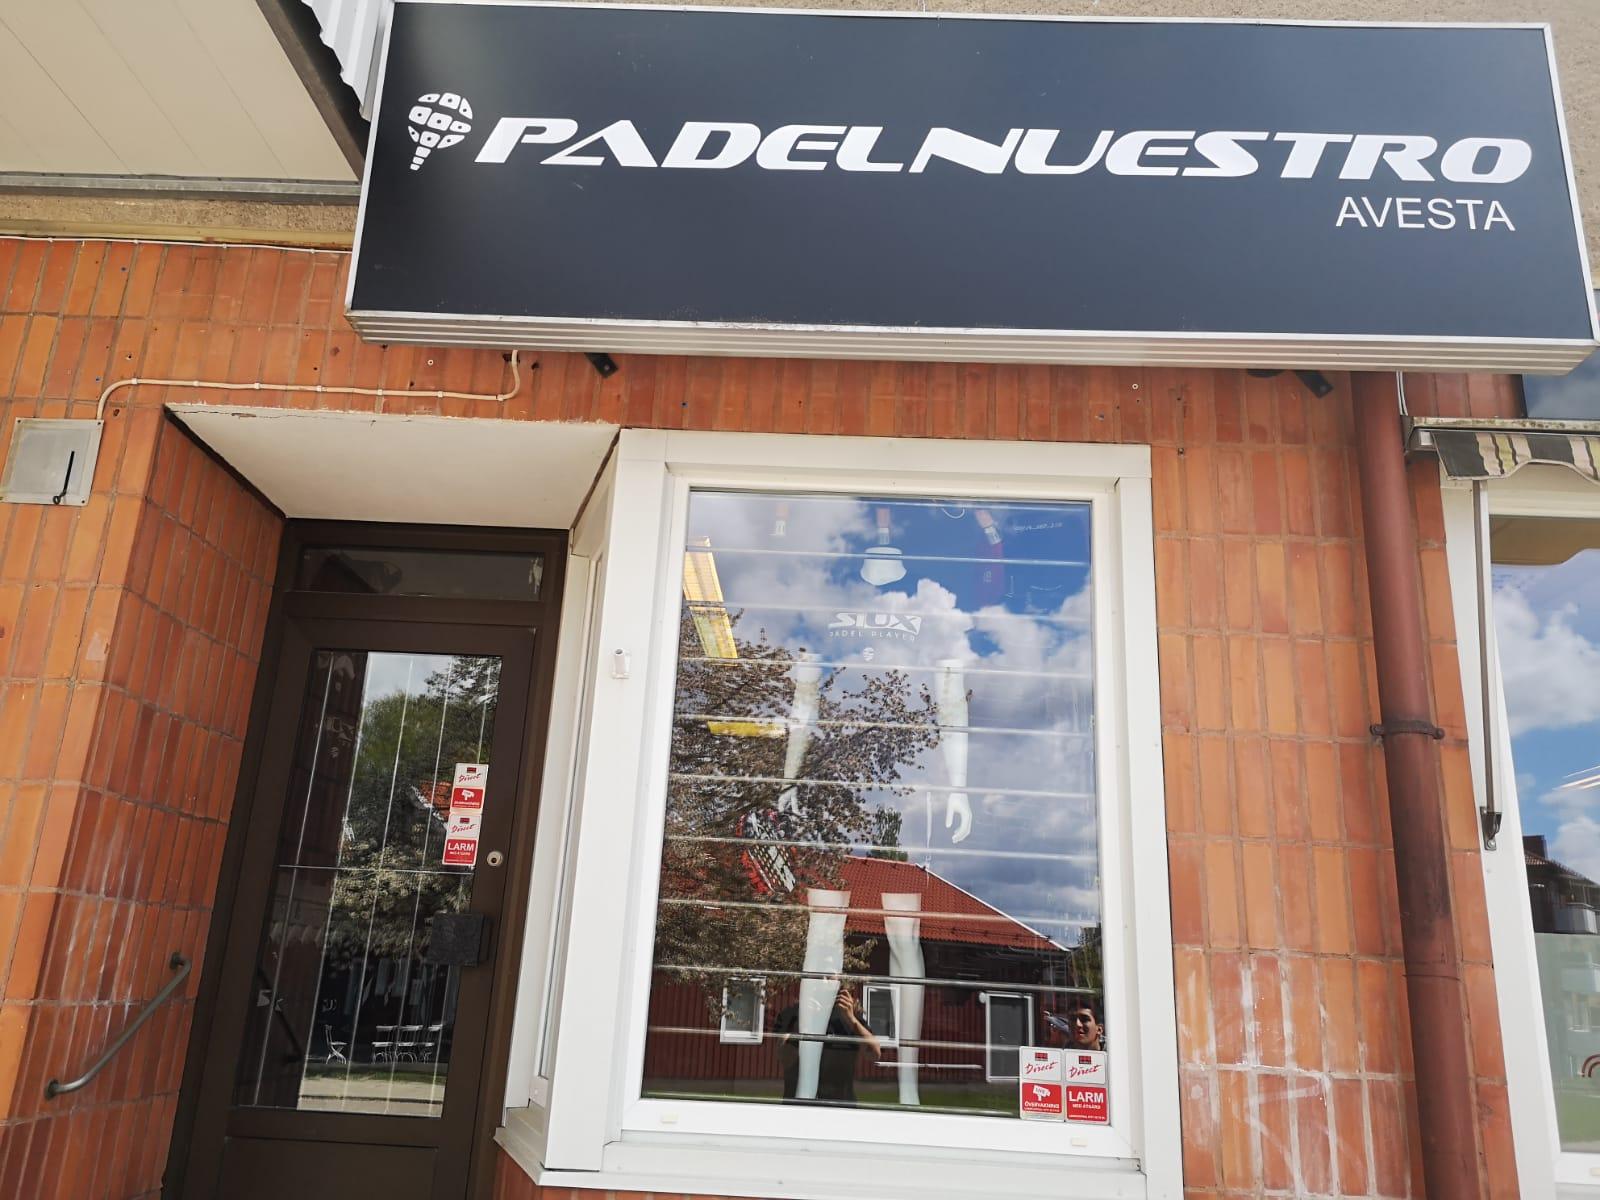 Padel Nuestro alcanza los 50 puntos de venta